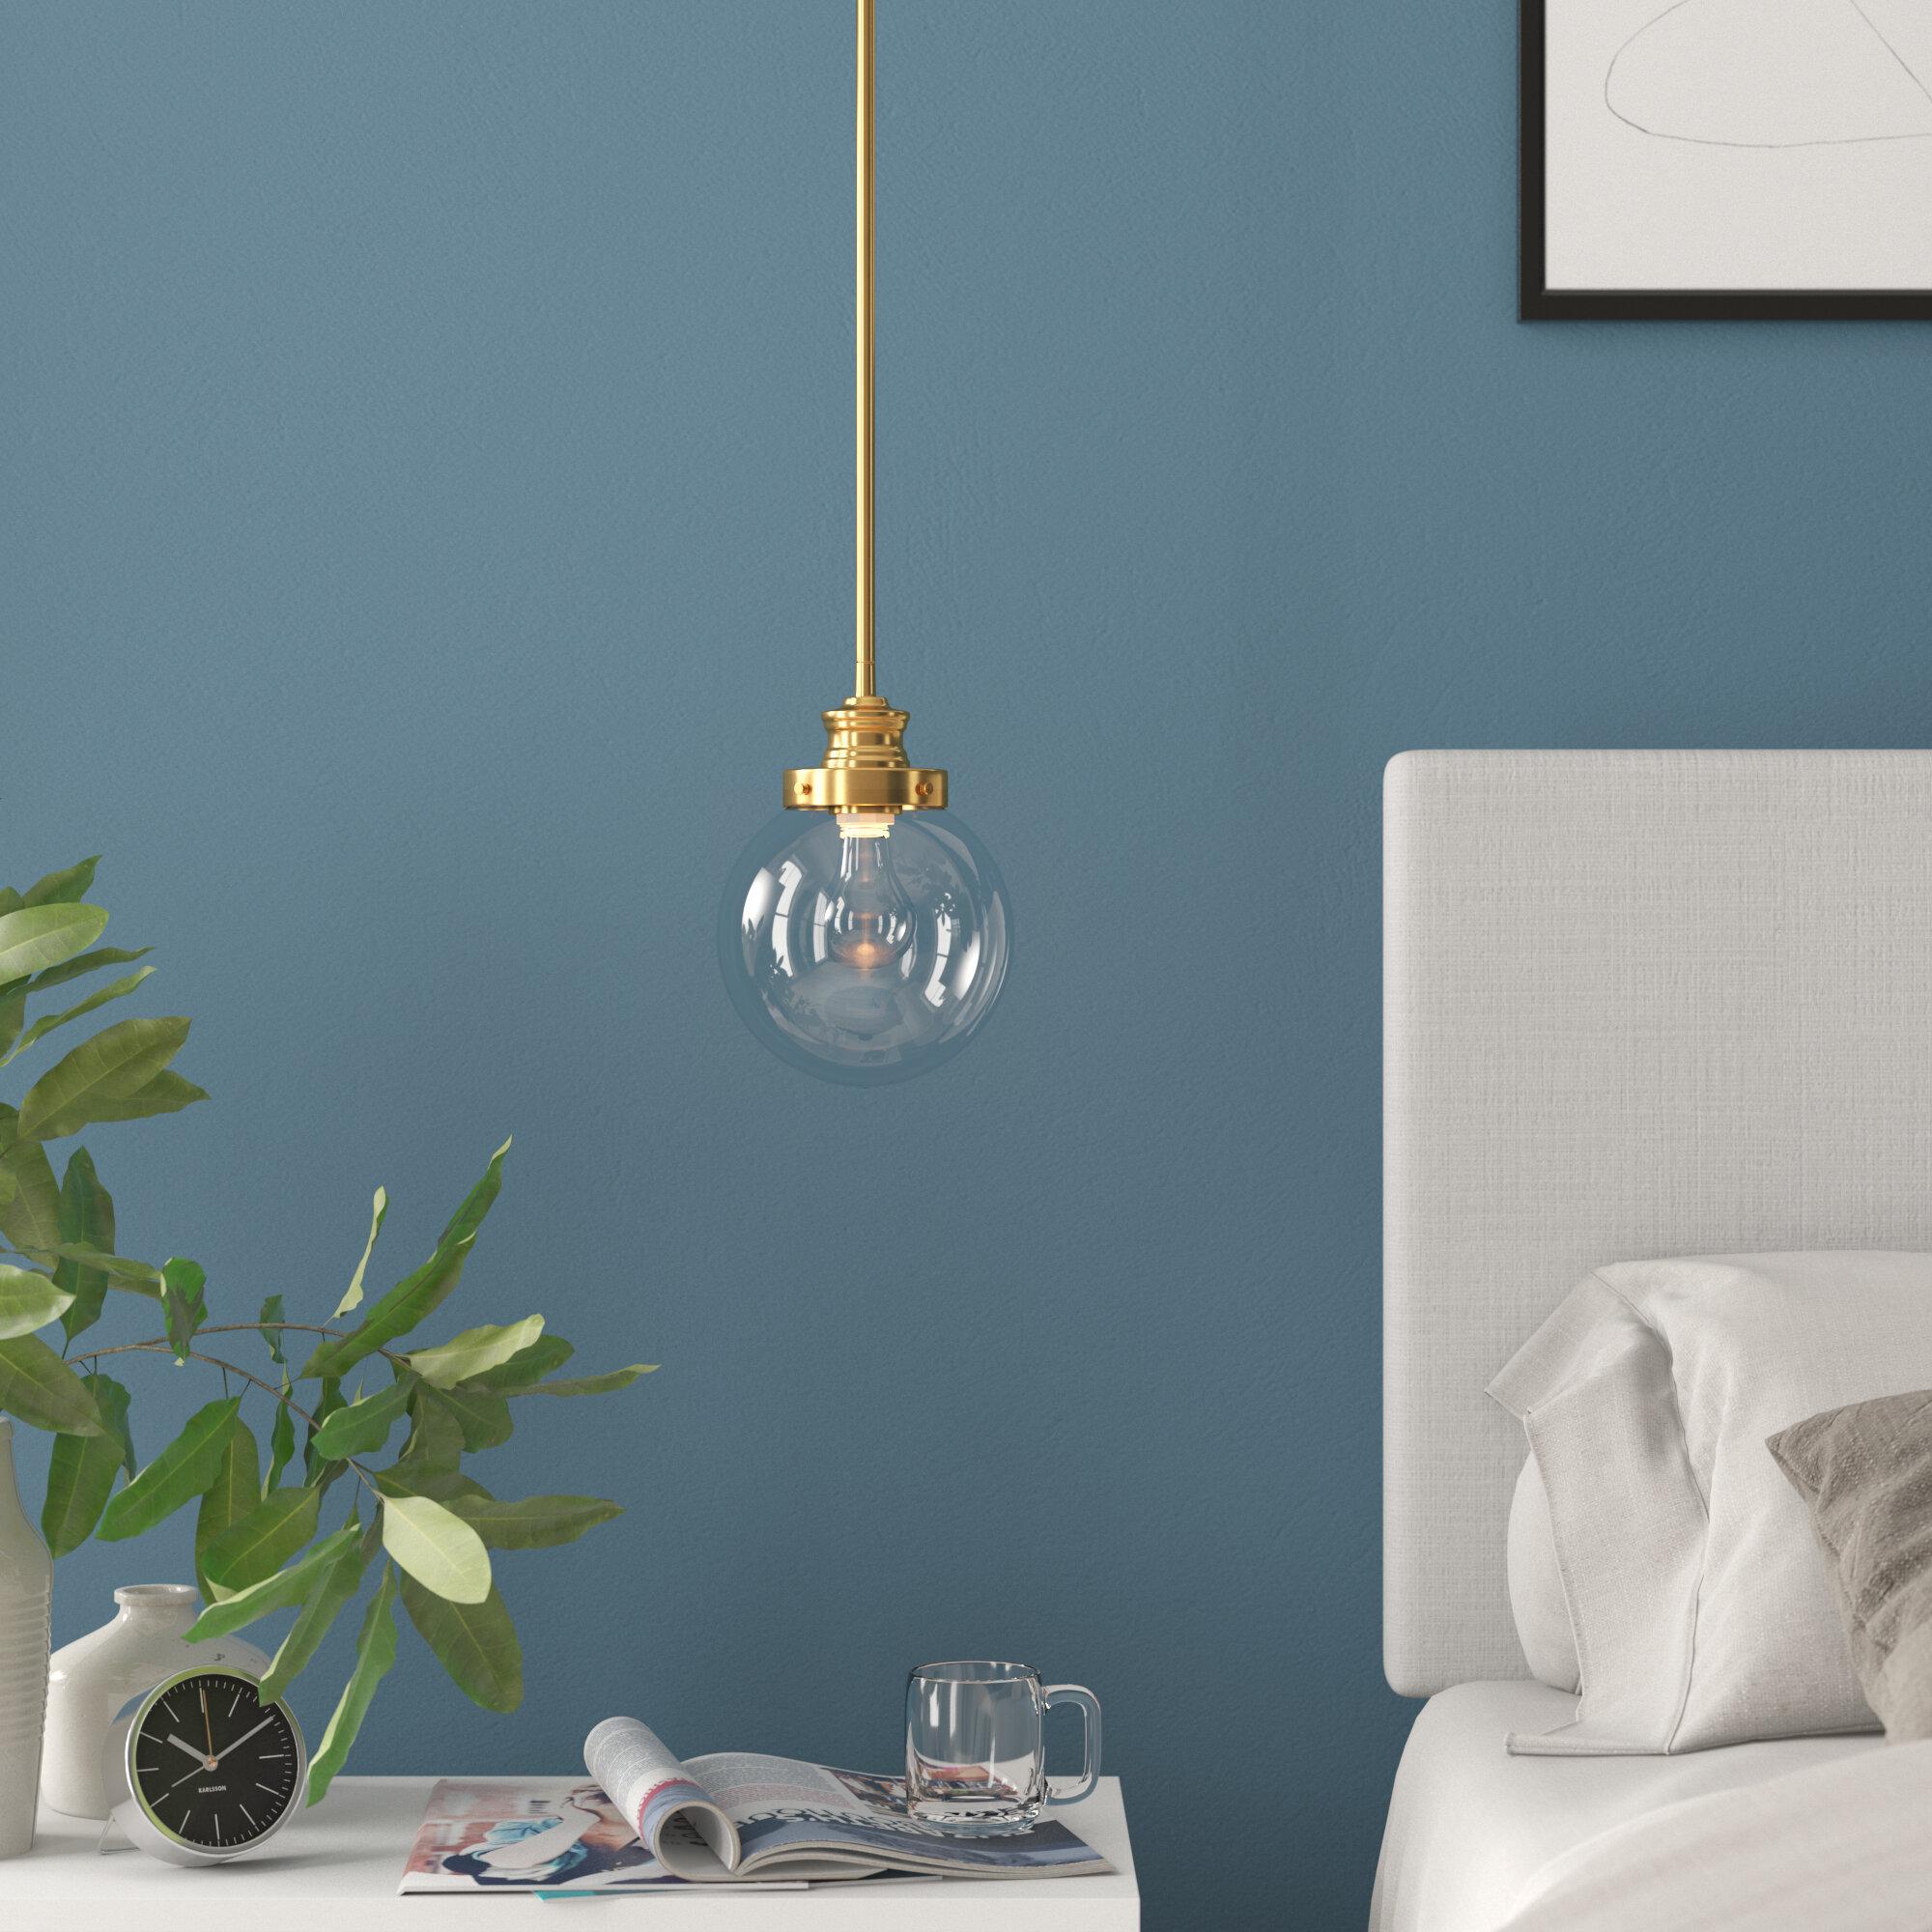 Cayden 1-Light Single Globe Pendant intended for Bautista 1-Light Single Globe Pendants (Image 17 of 30)